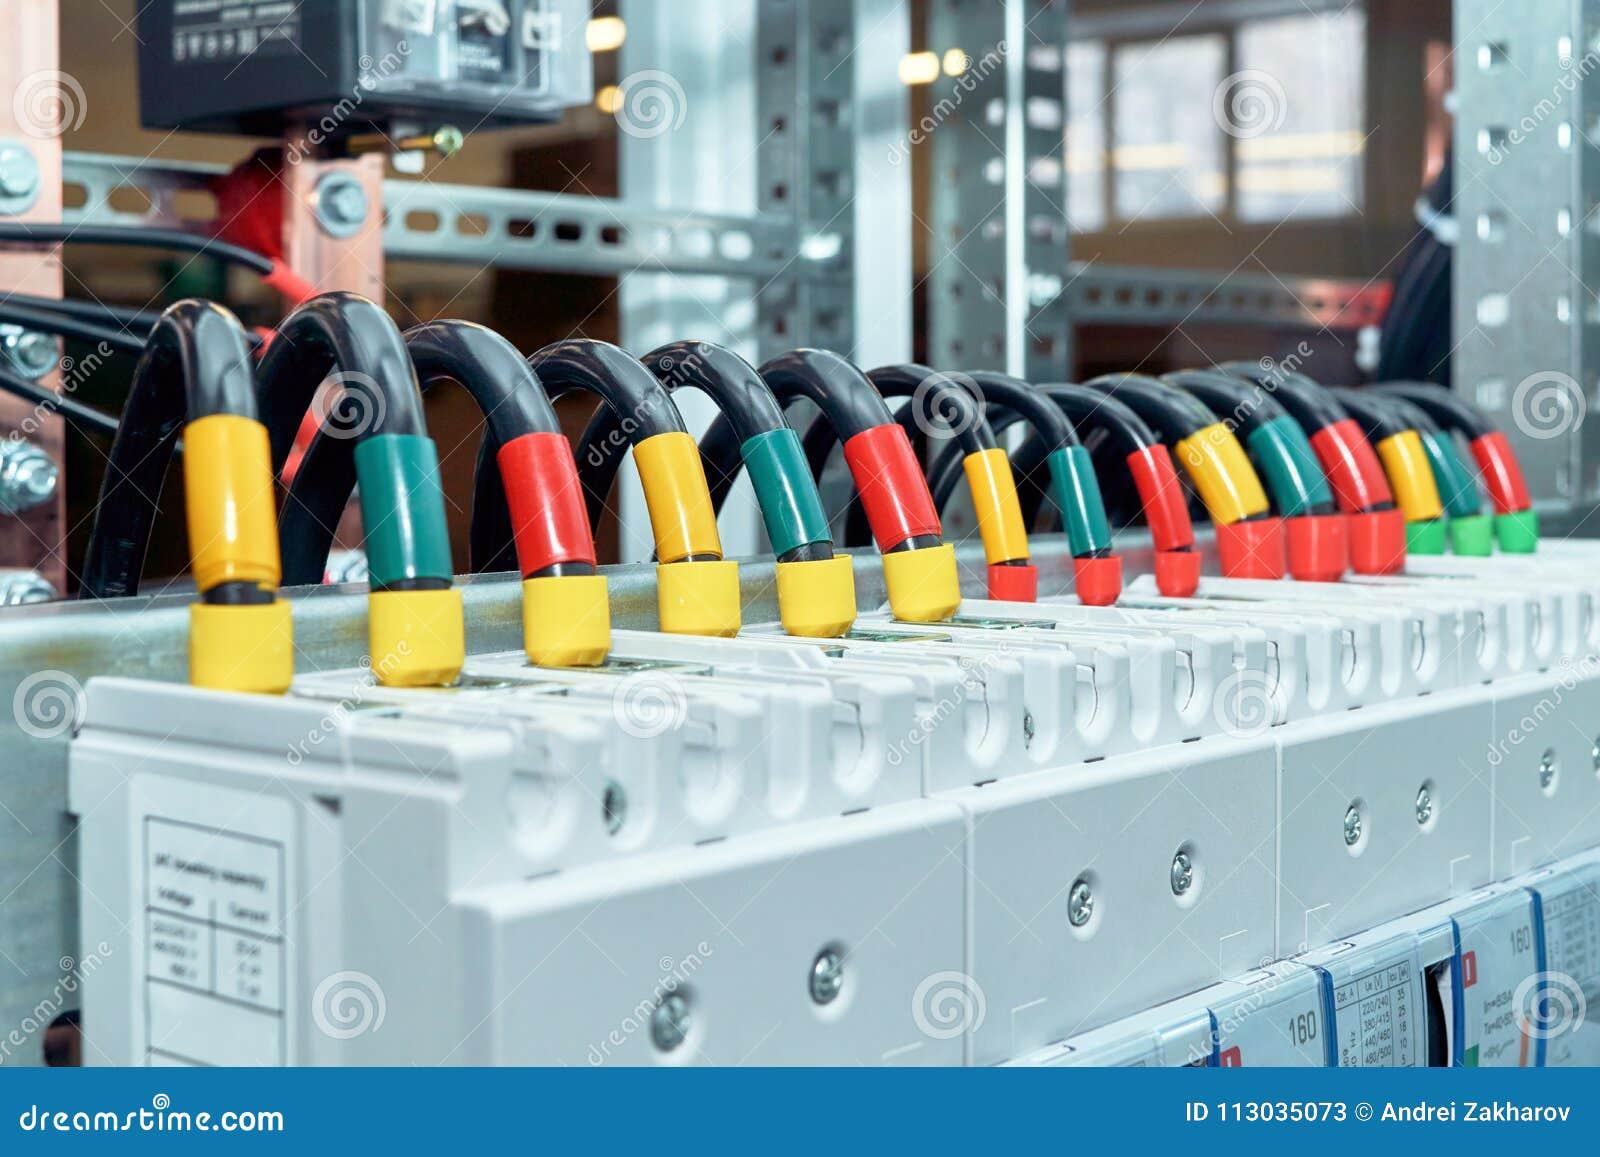 La gama de alambres eléctricos o los cables está conectada con los disyuntores de poder